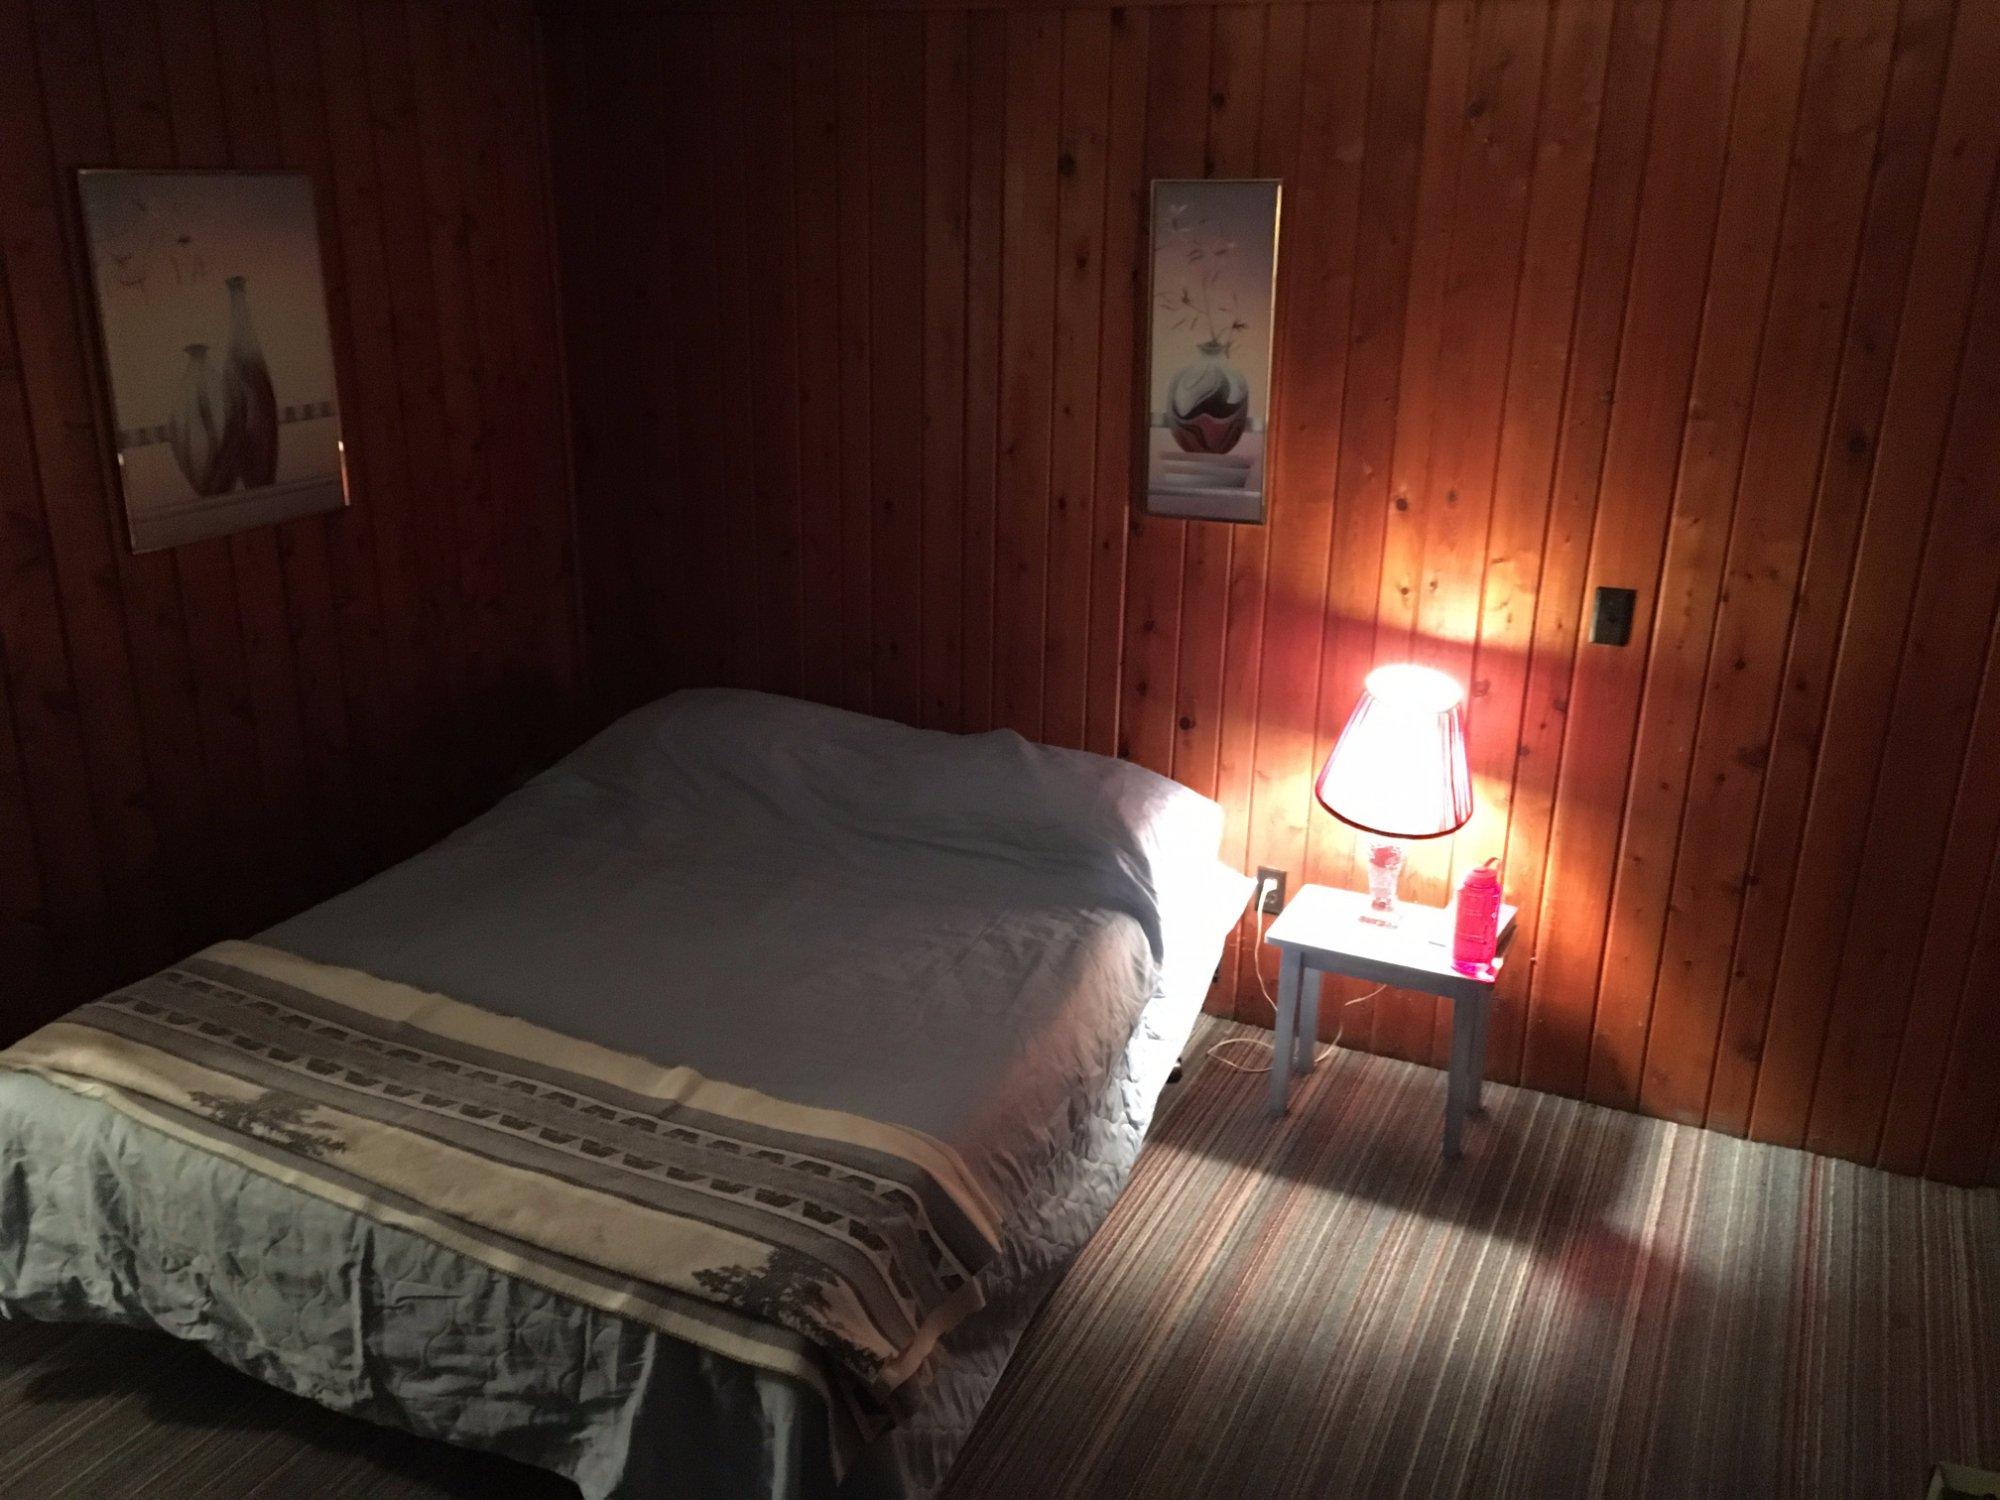 Scheall's Motel